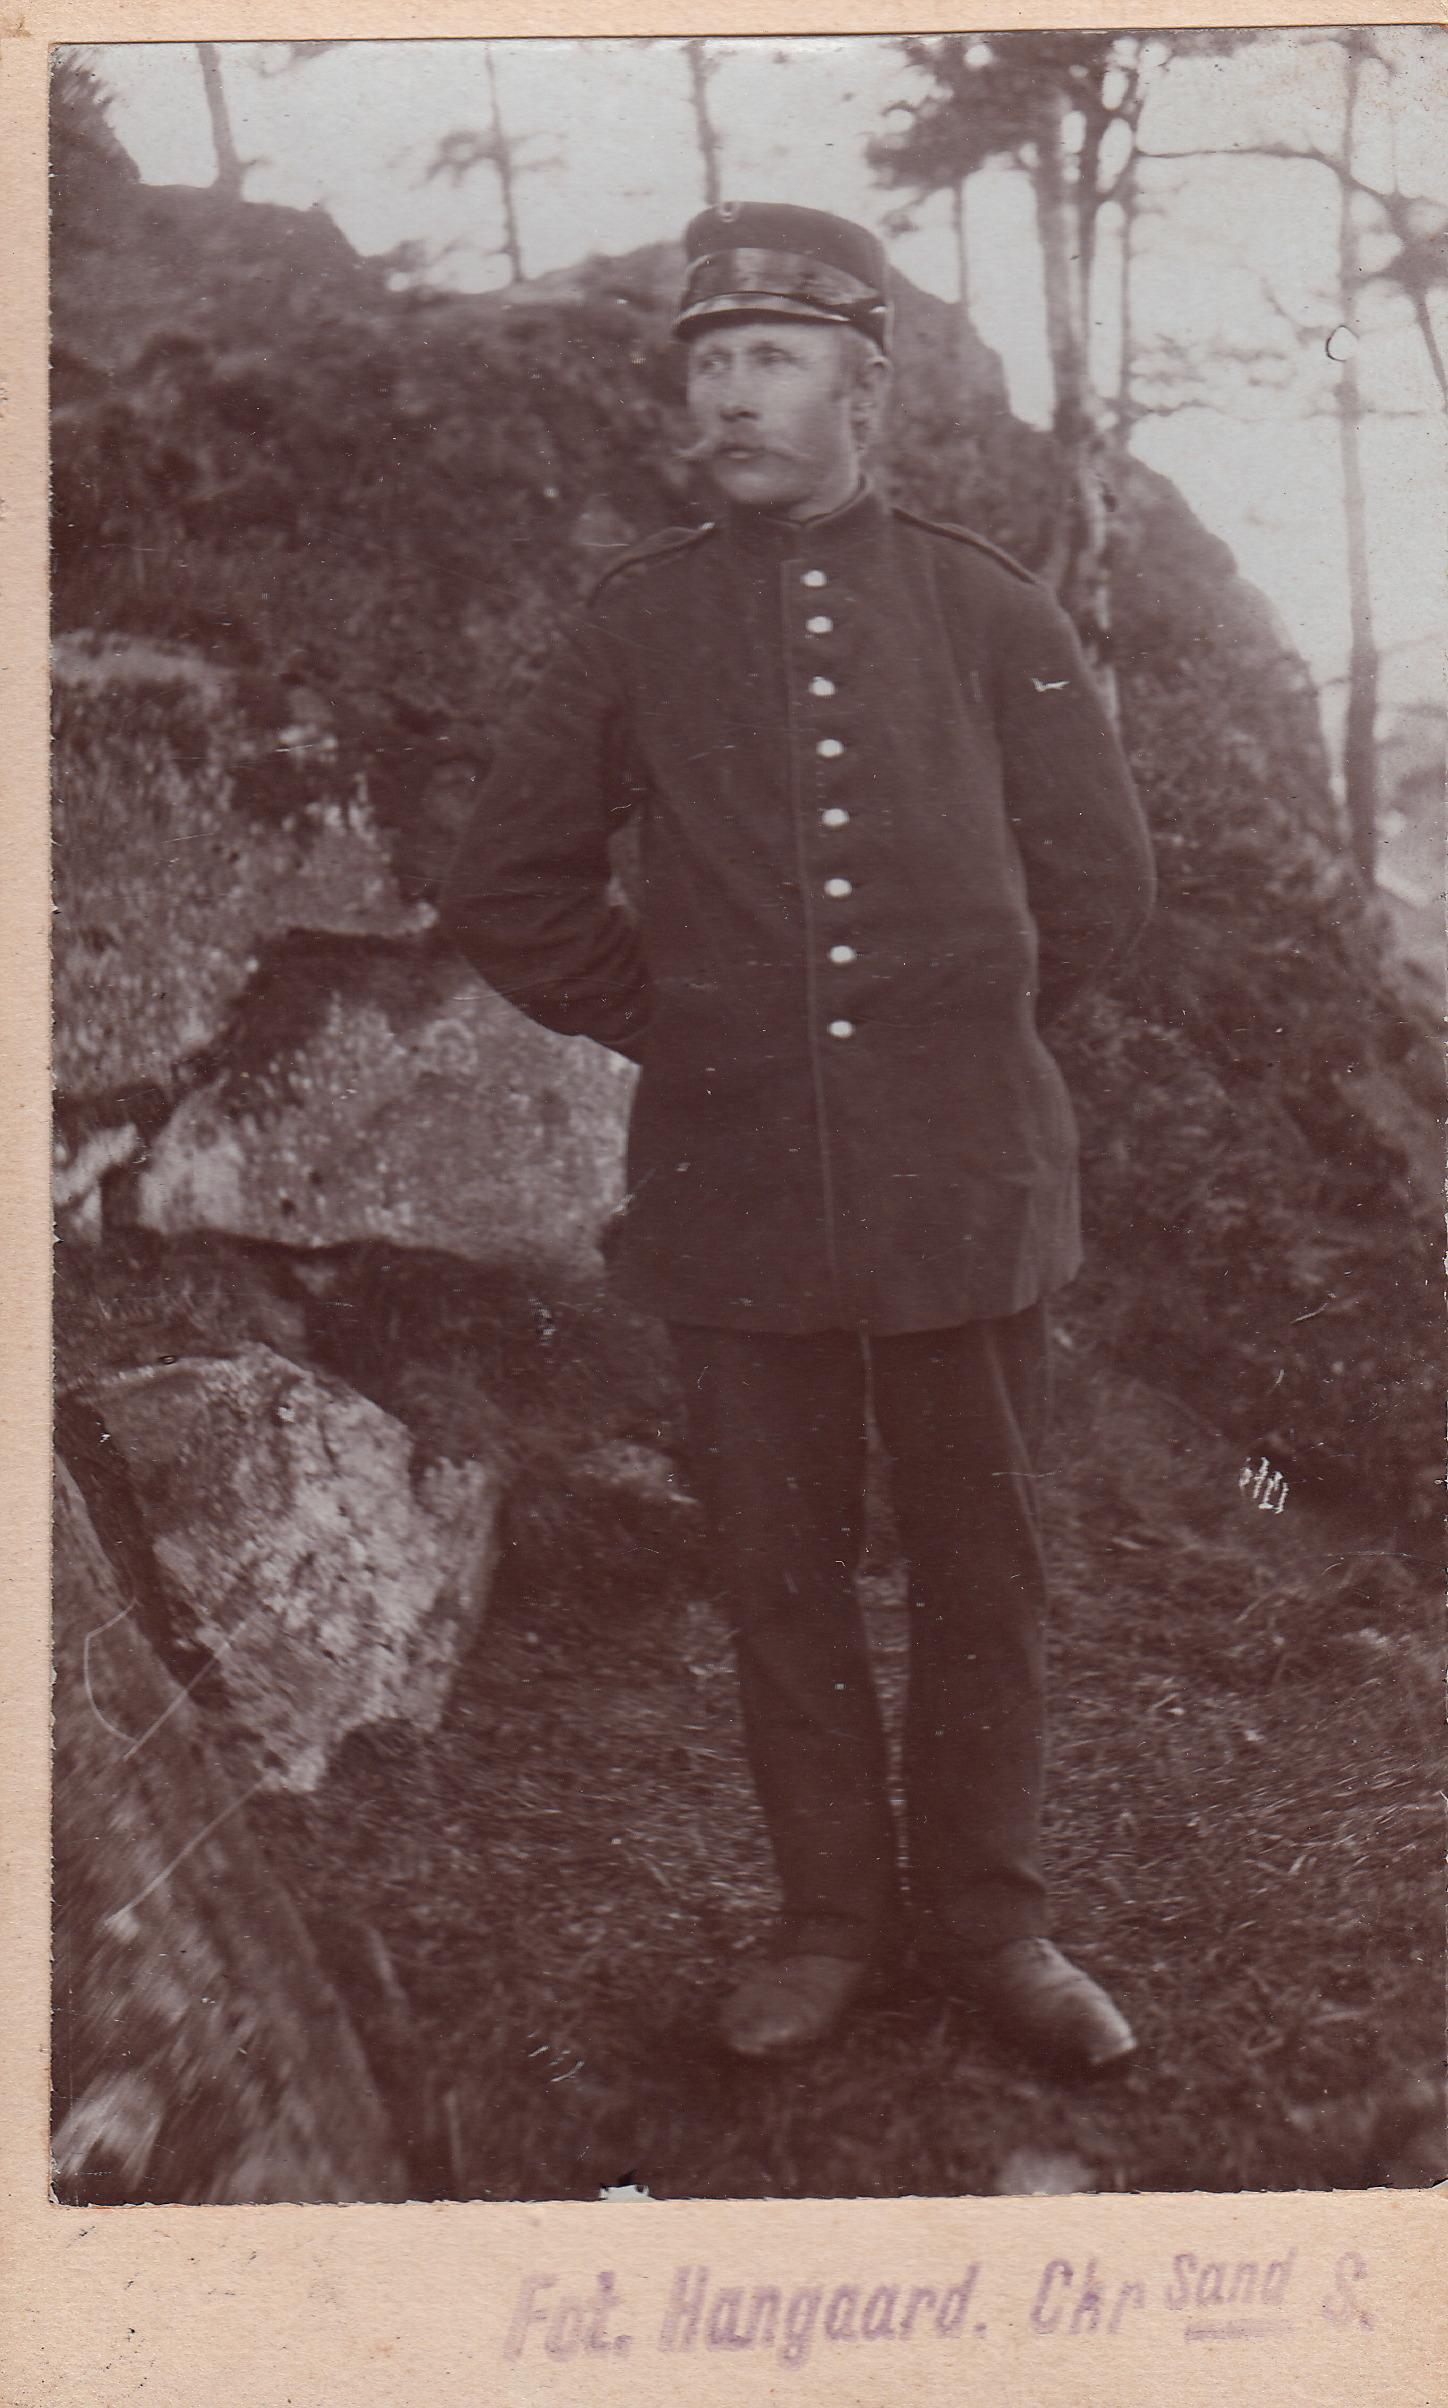 Ola Halvorsen Lia. Foto tatt i 1914.